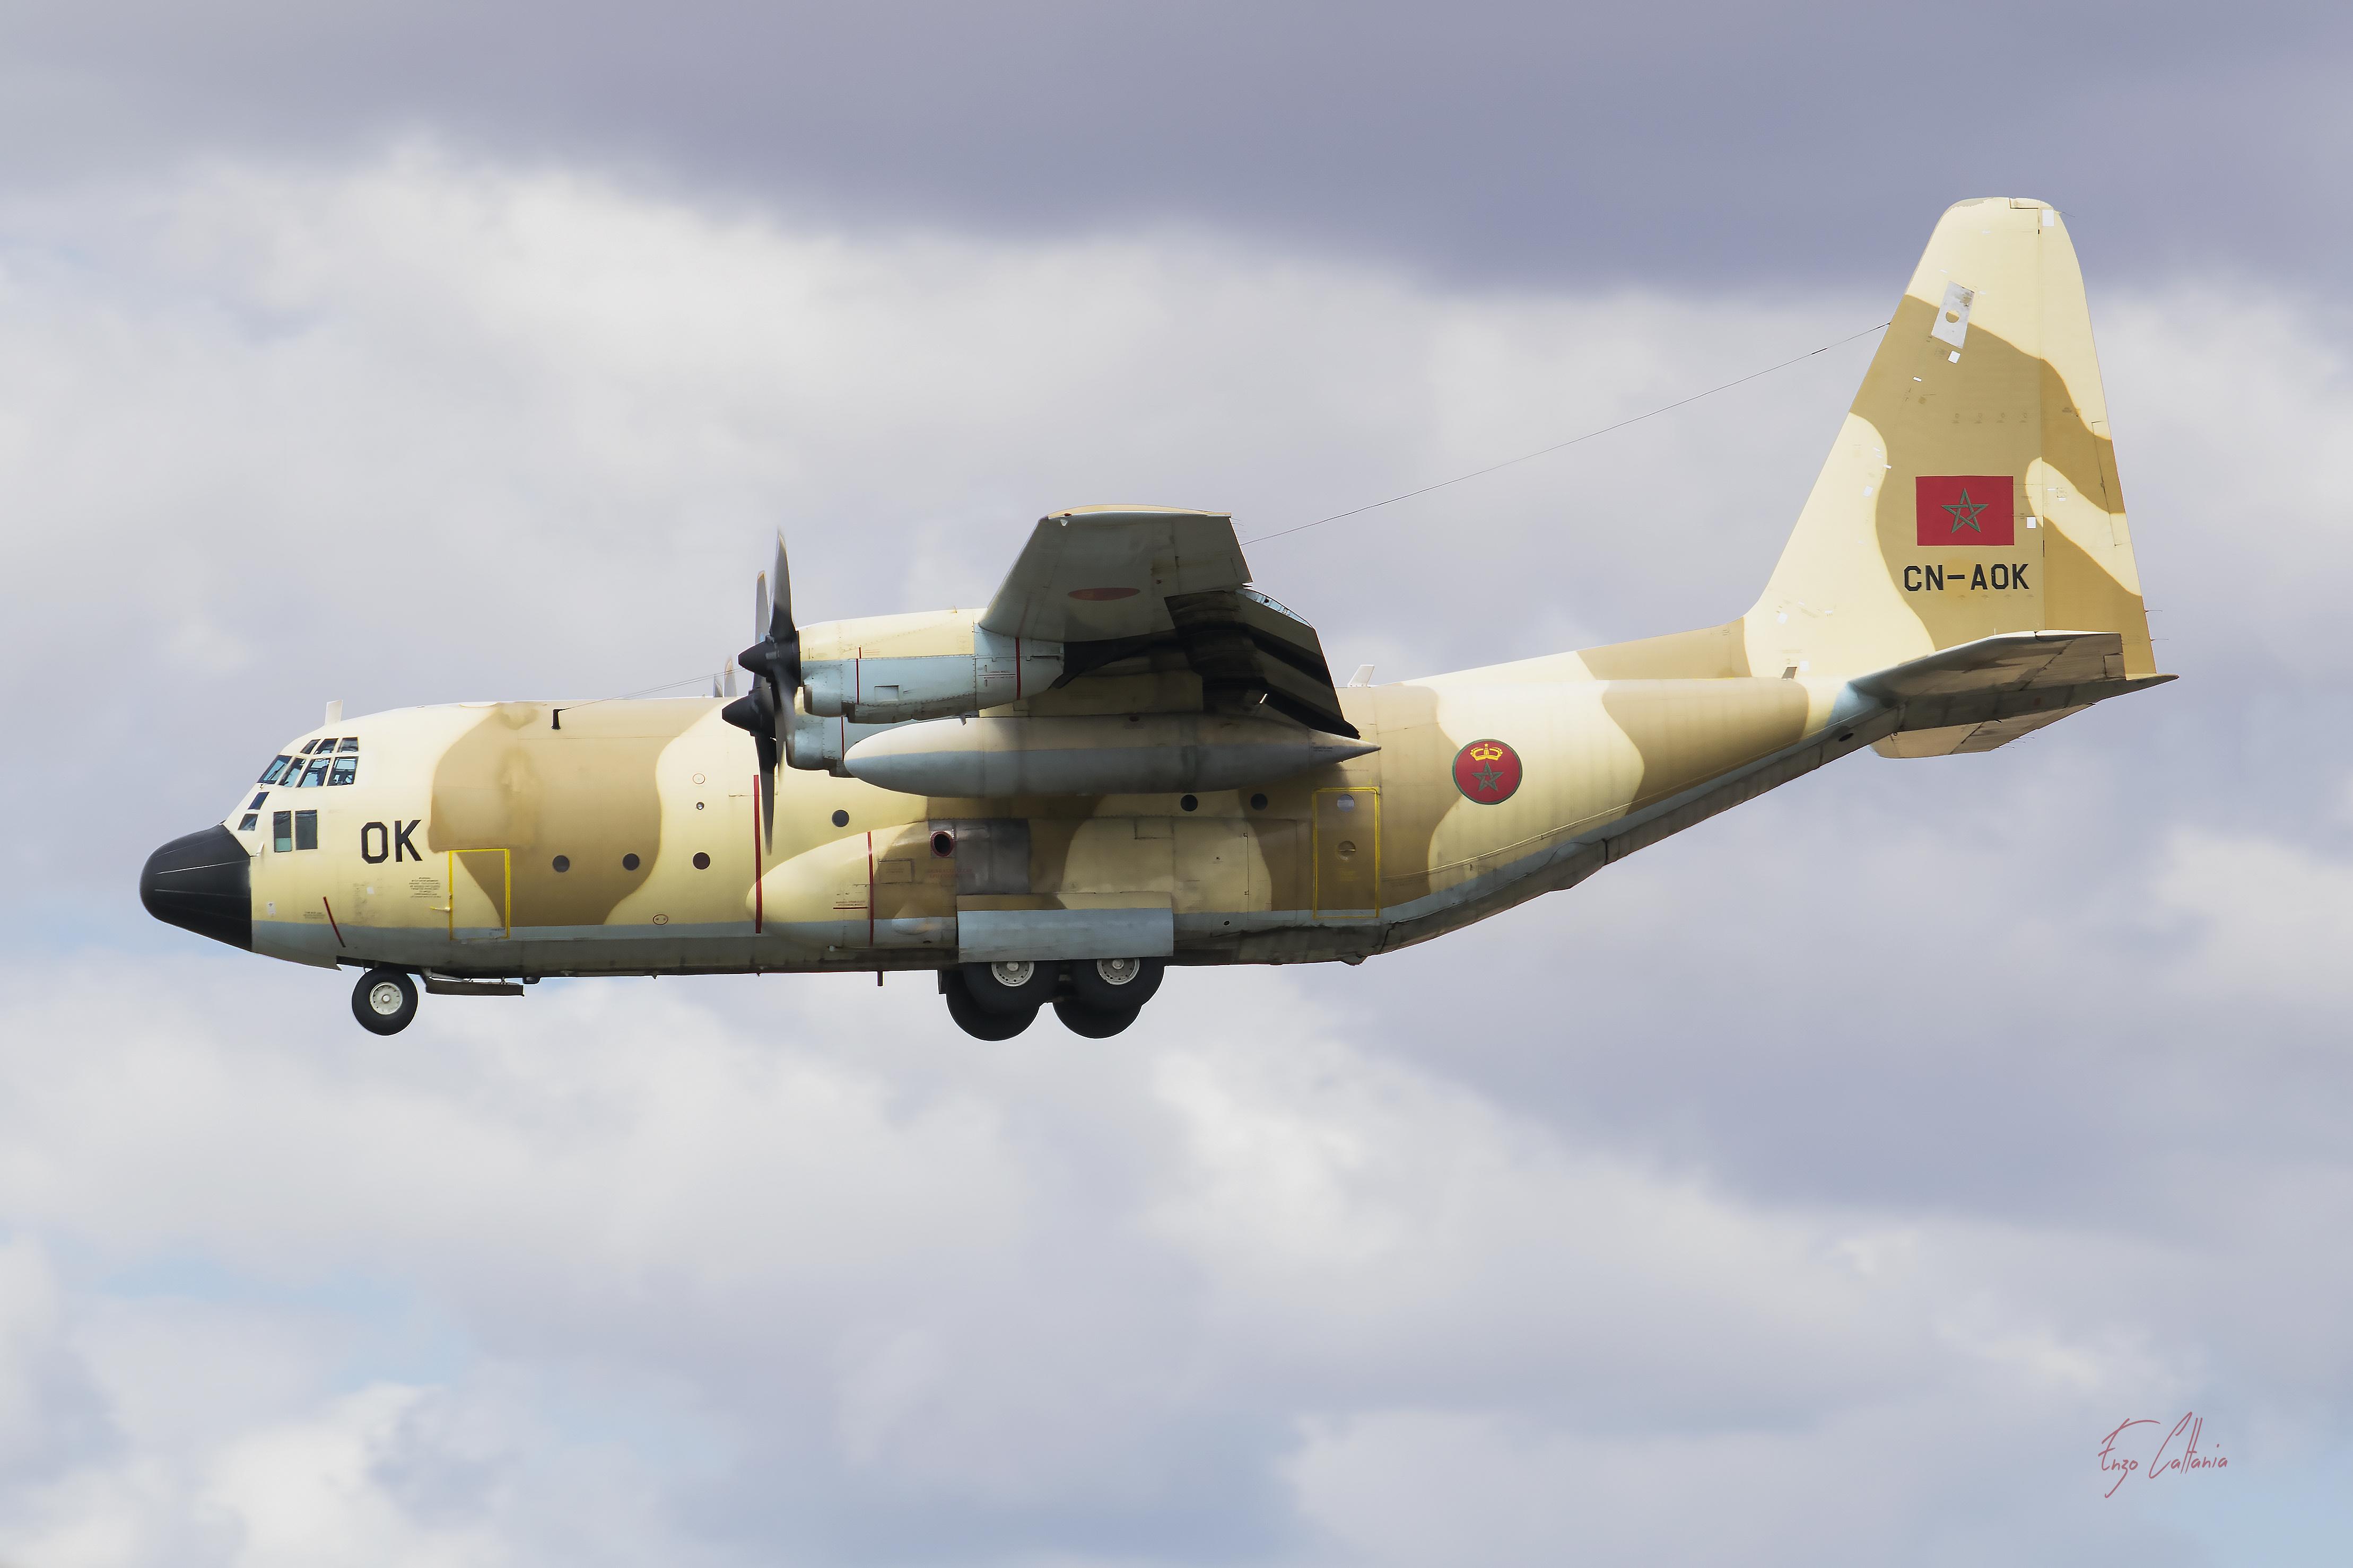 FRA: Photos d'avions de transport - Page 41 50294057922_7d1495440a_o_d